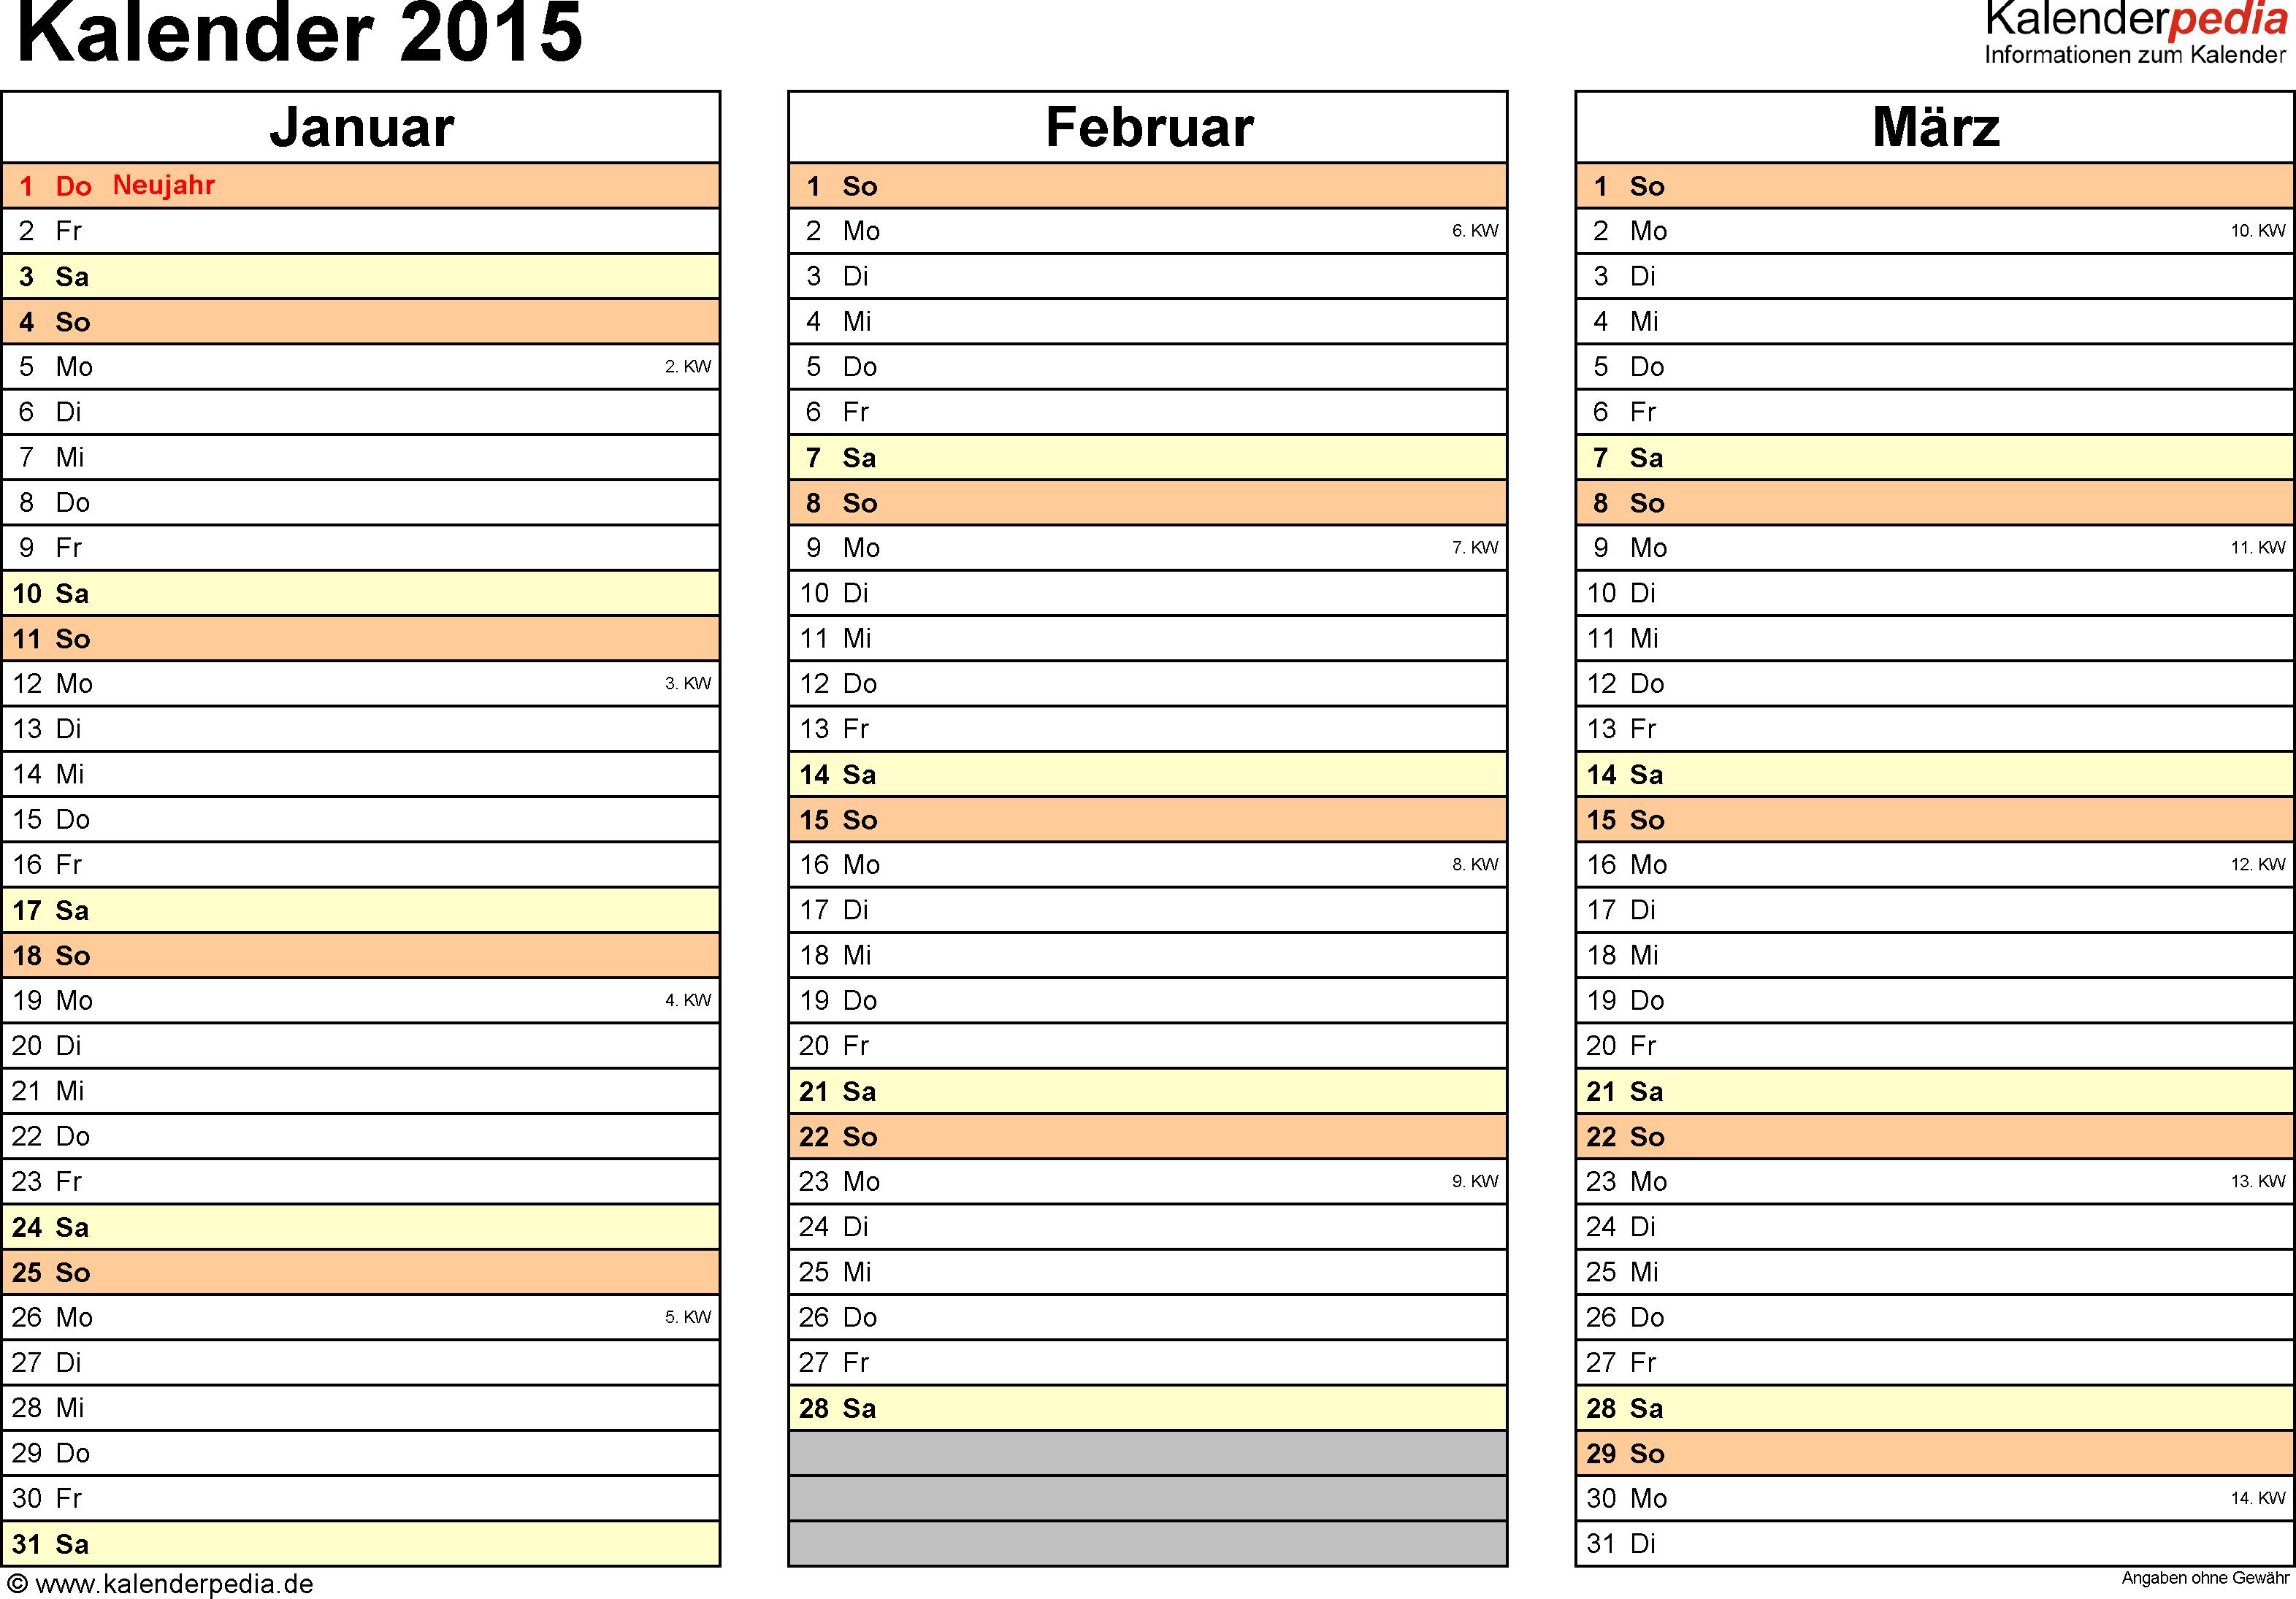 Vorlage 6: Kalender 2015 als PDF-Datei, Querformat, 4 Seiten, jedes Quartal auf einer Seite